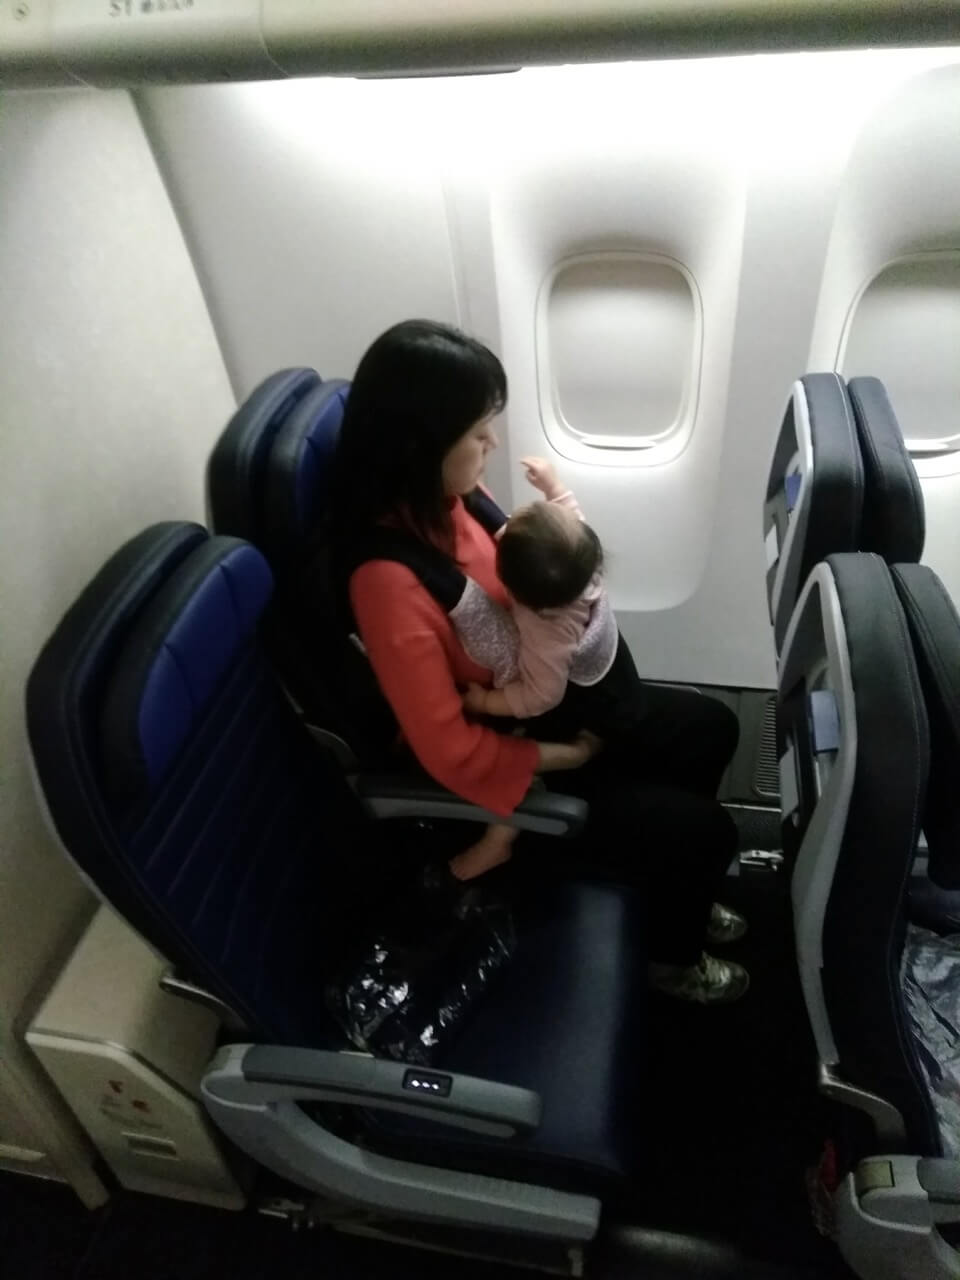 飛行機でバシネットが使えない時の対策方法